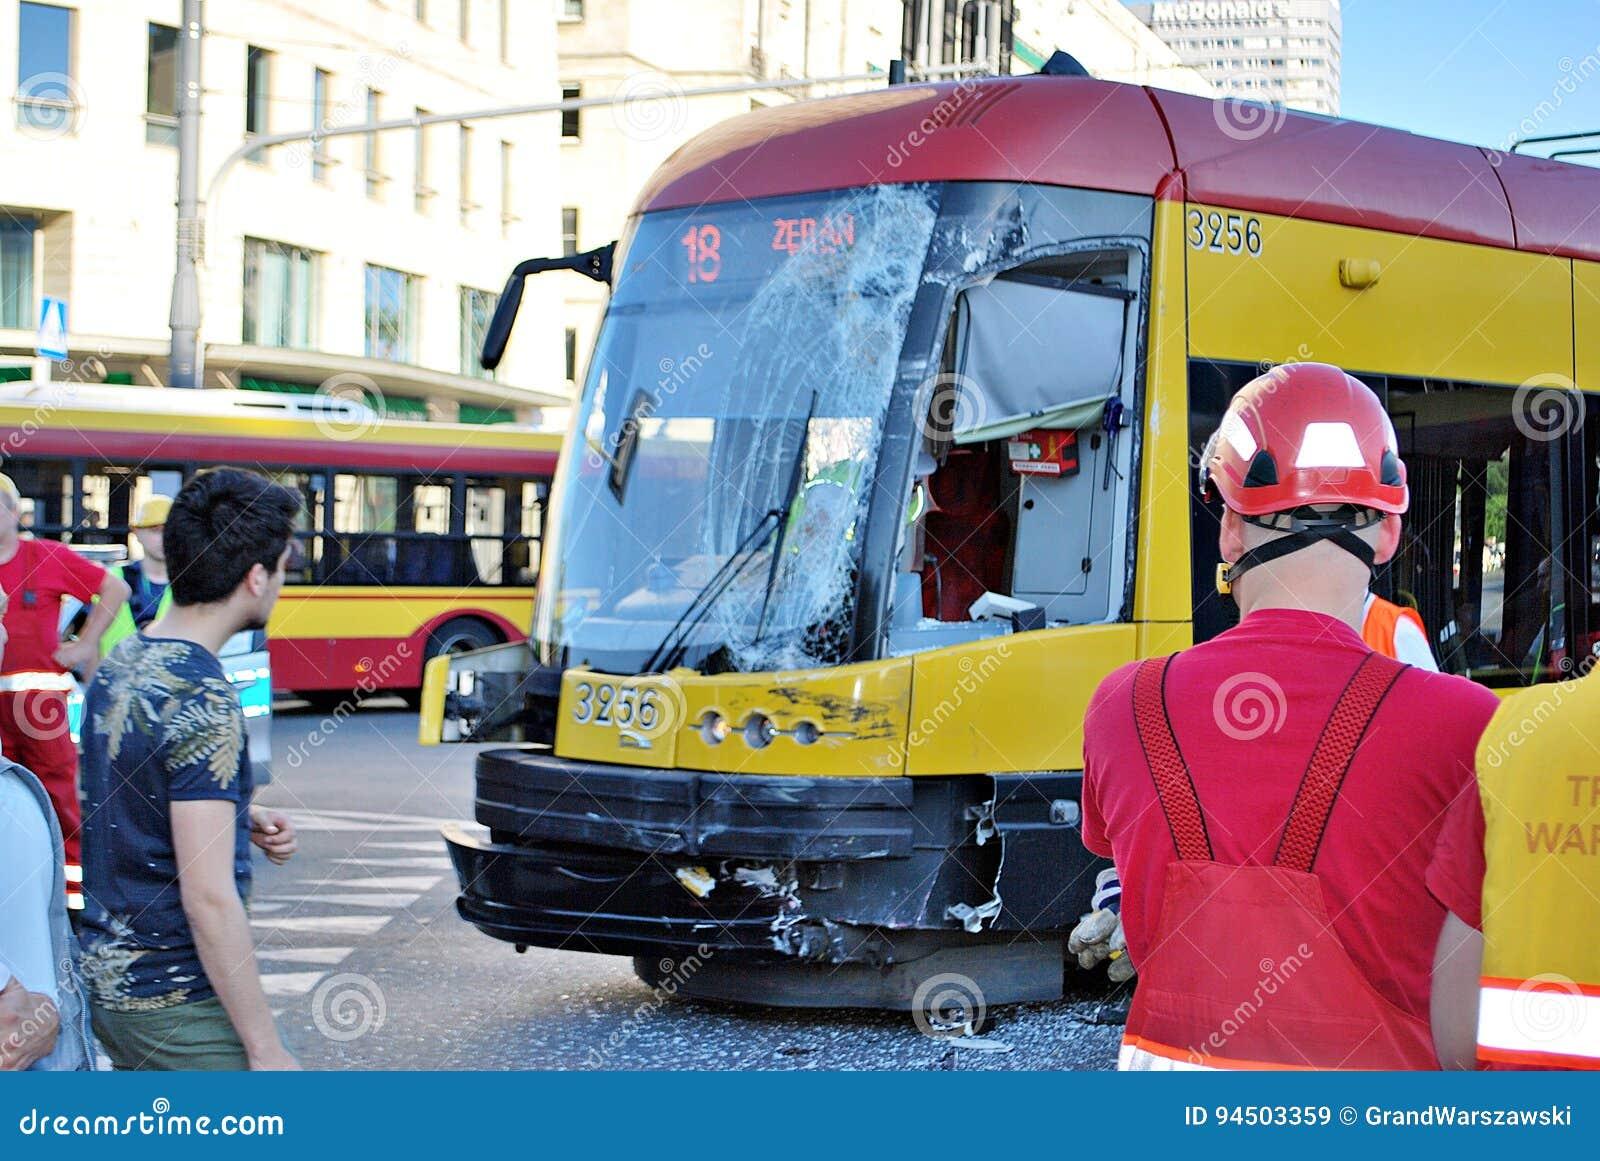 事故城市公共汽车和电车编辑类库存图片 图片包括有帮助 适应 图象